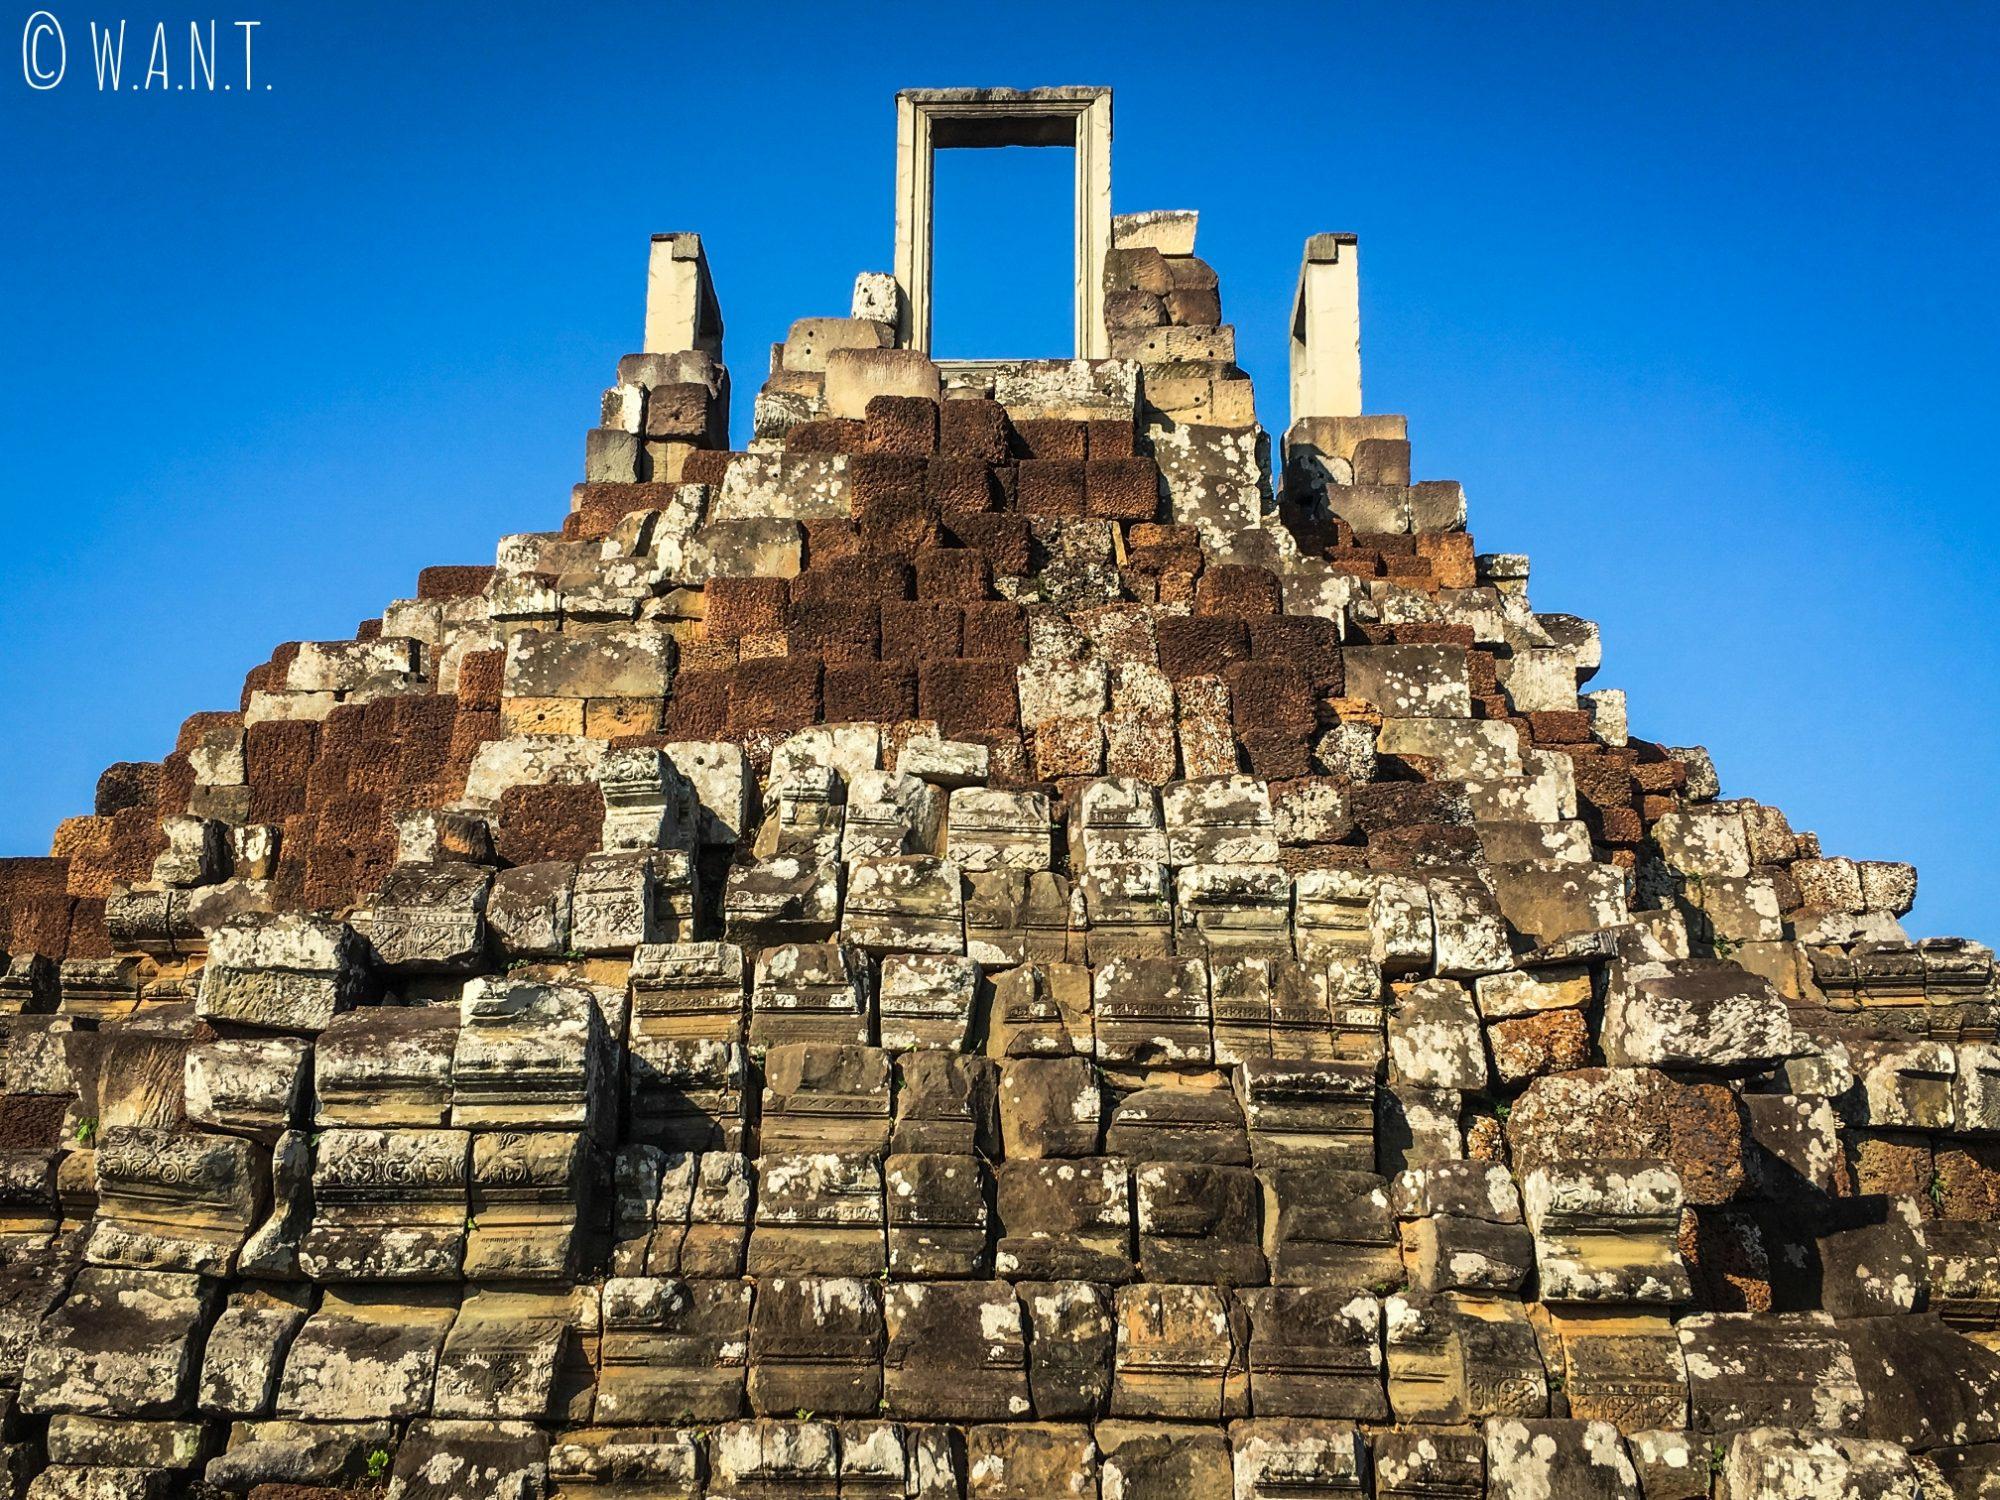 Sommet du temple Baphuon sur le site d'Angkor à Siem Reap